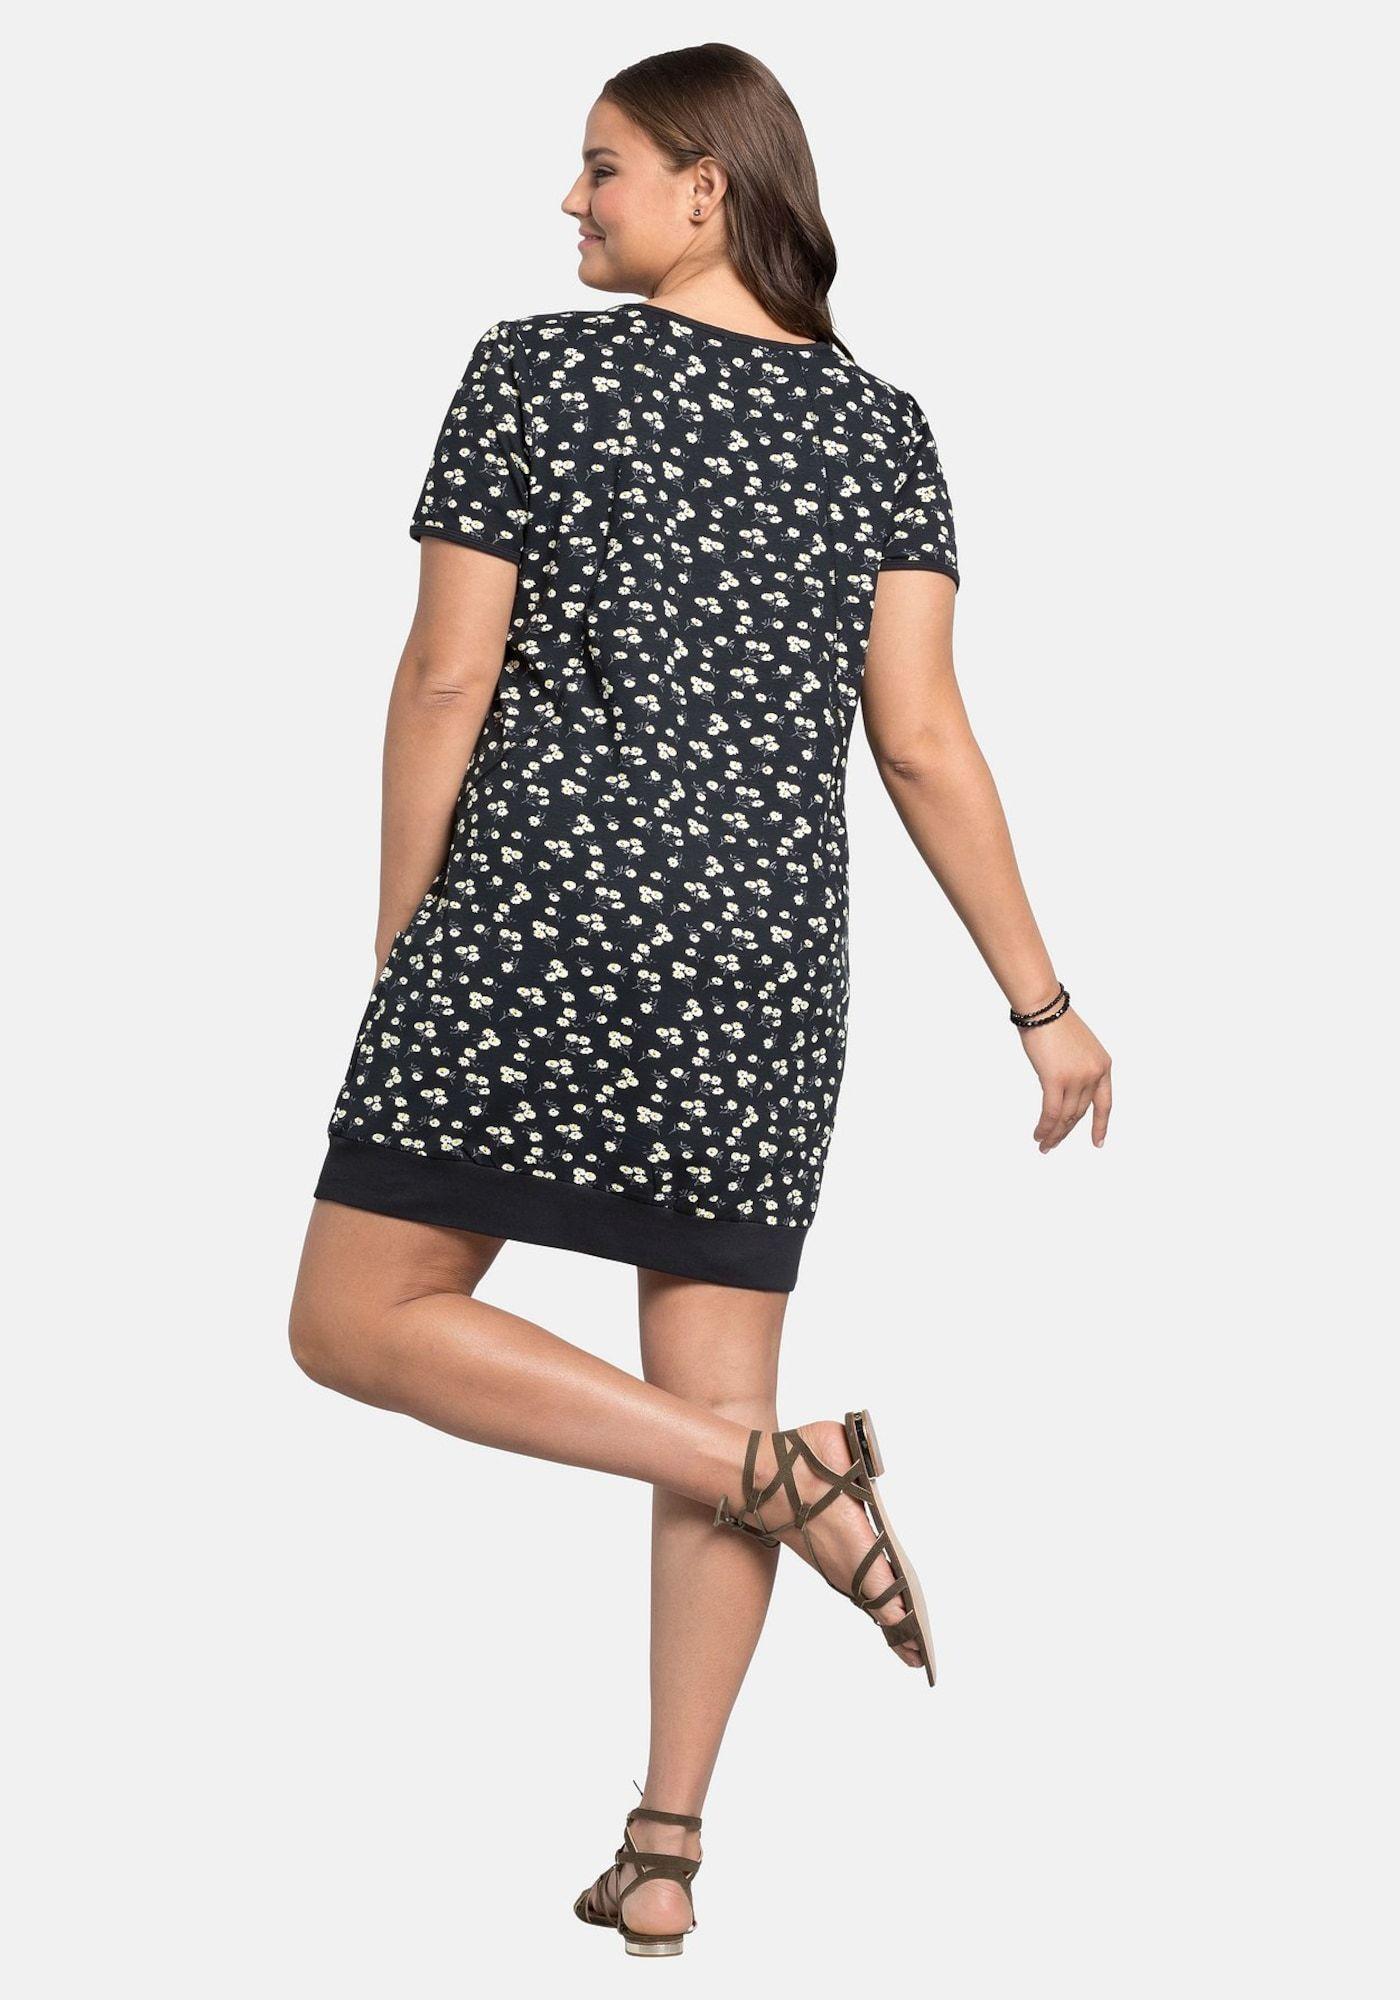 SHEEGO Kleid Damen, Schwarz / Weiß, Größe 14 #weißekleiderkurz